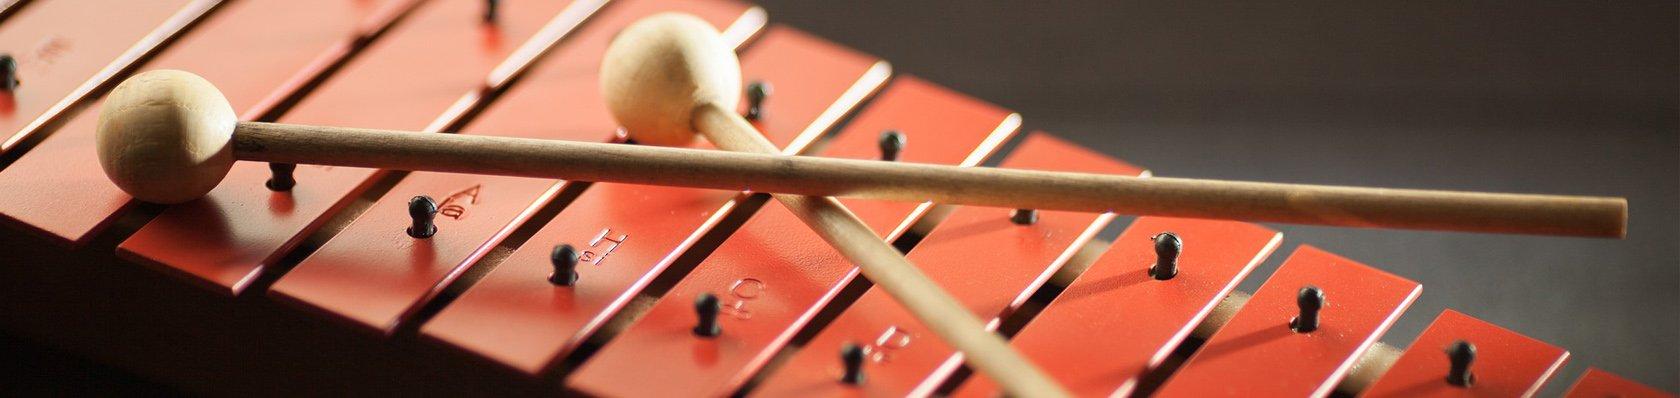 Xylophone im Test auf ExpertenTesten.de